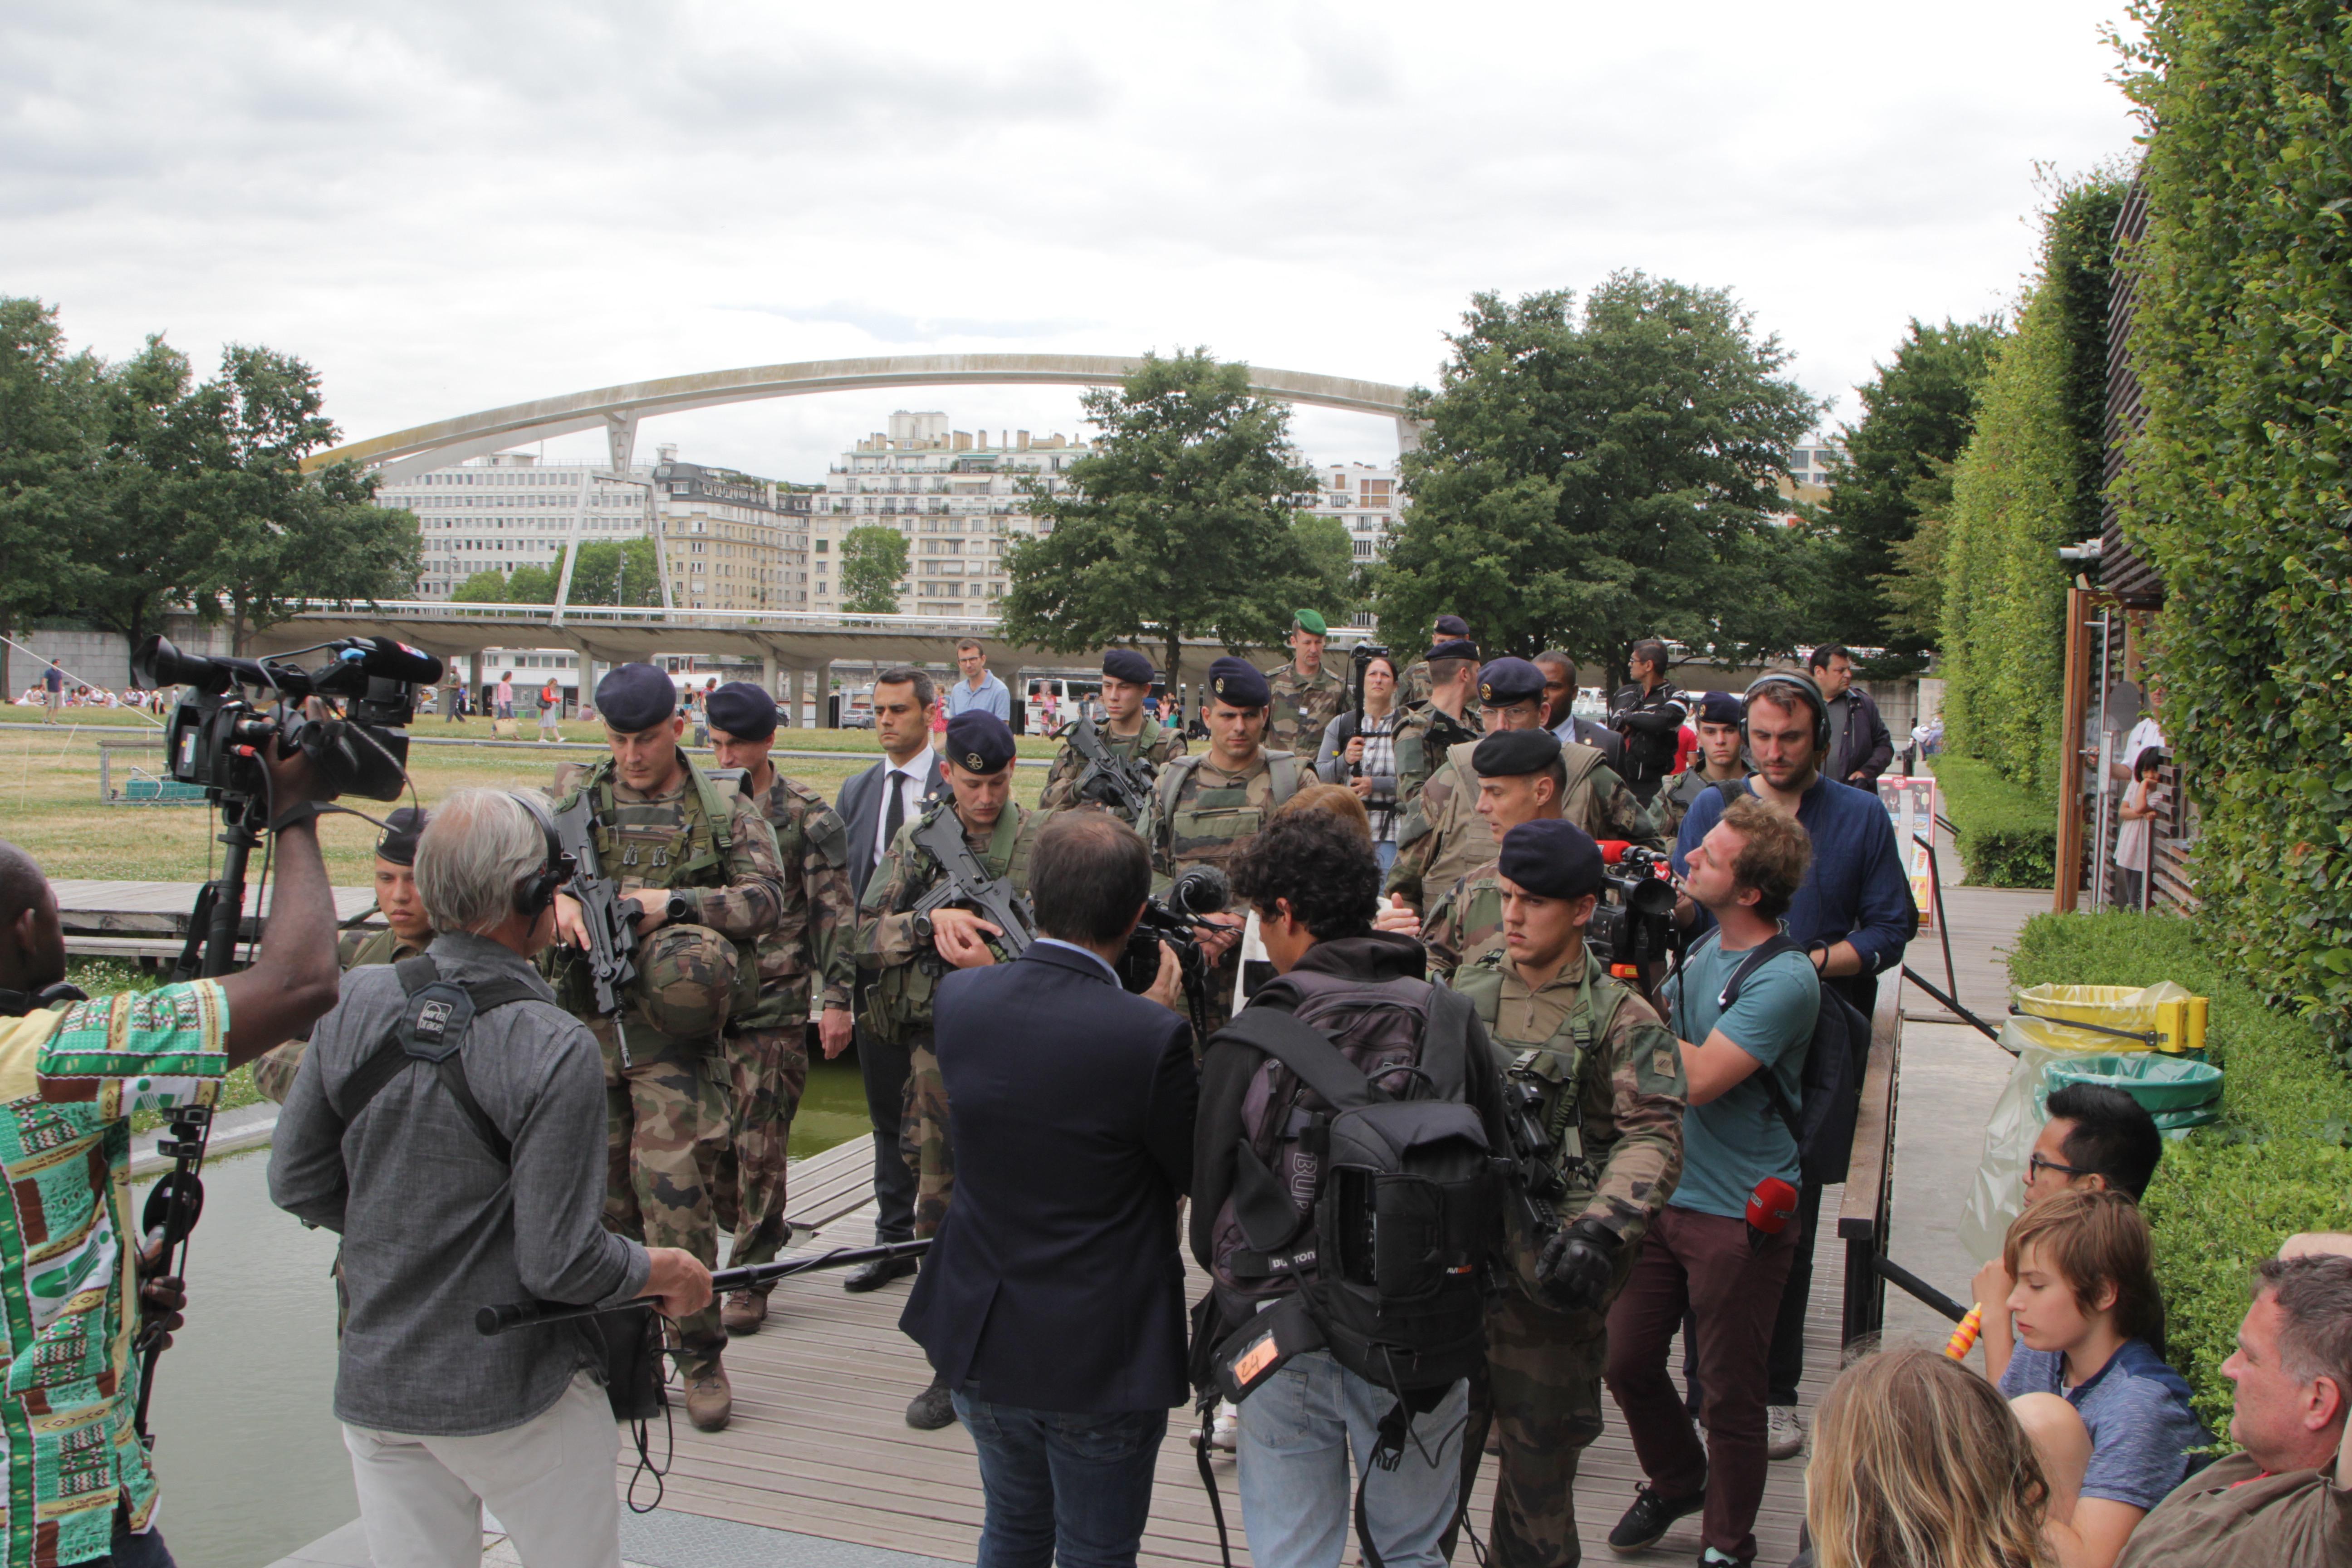 La nouvelle ministre des Armées met en danger des militaires